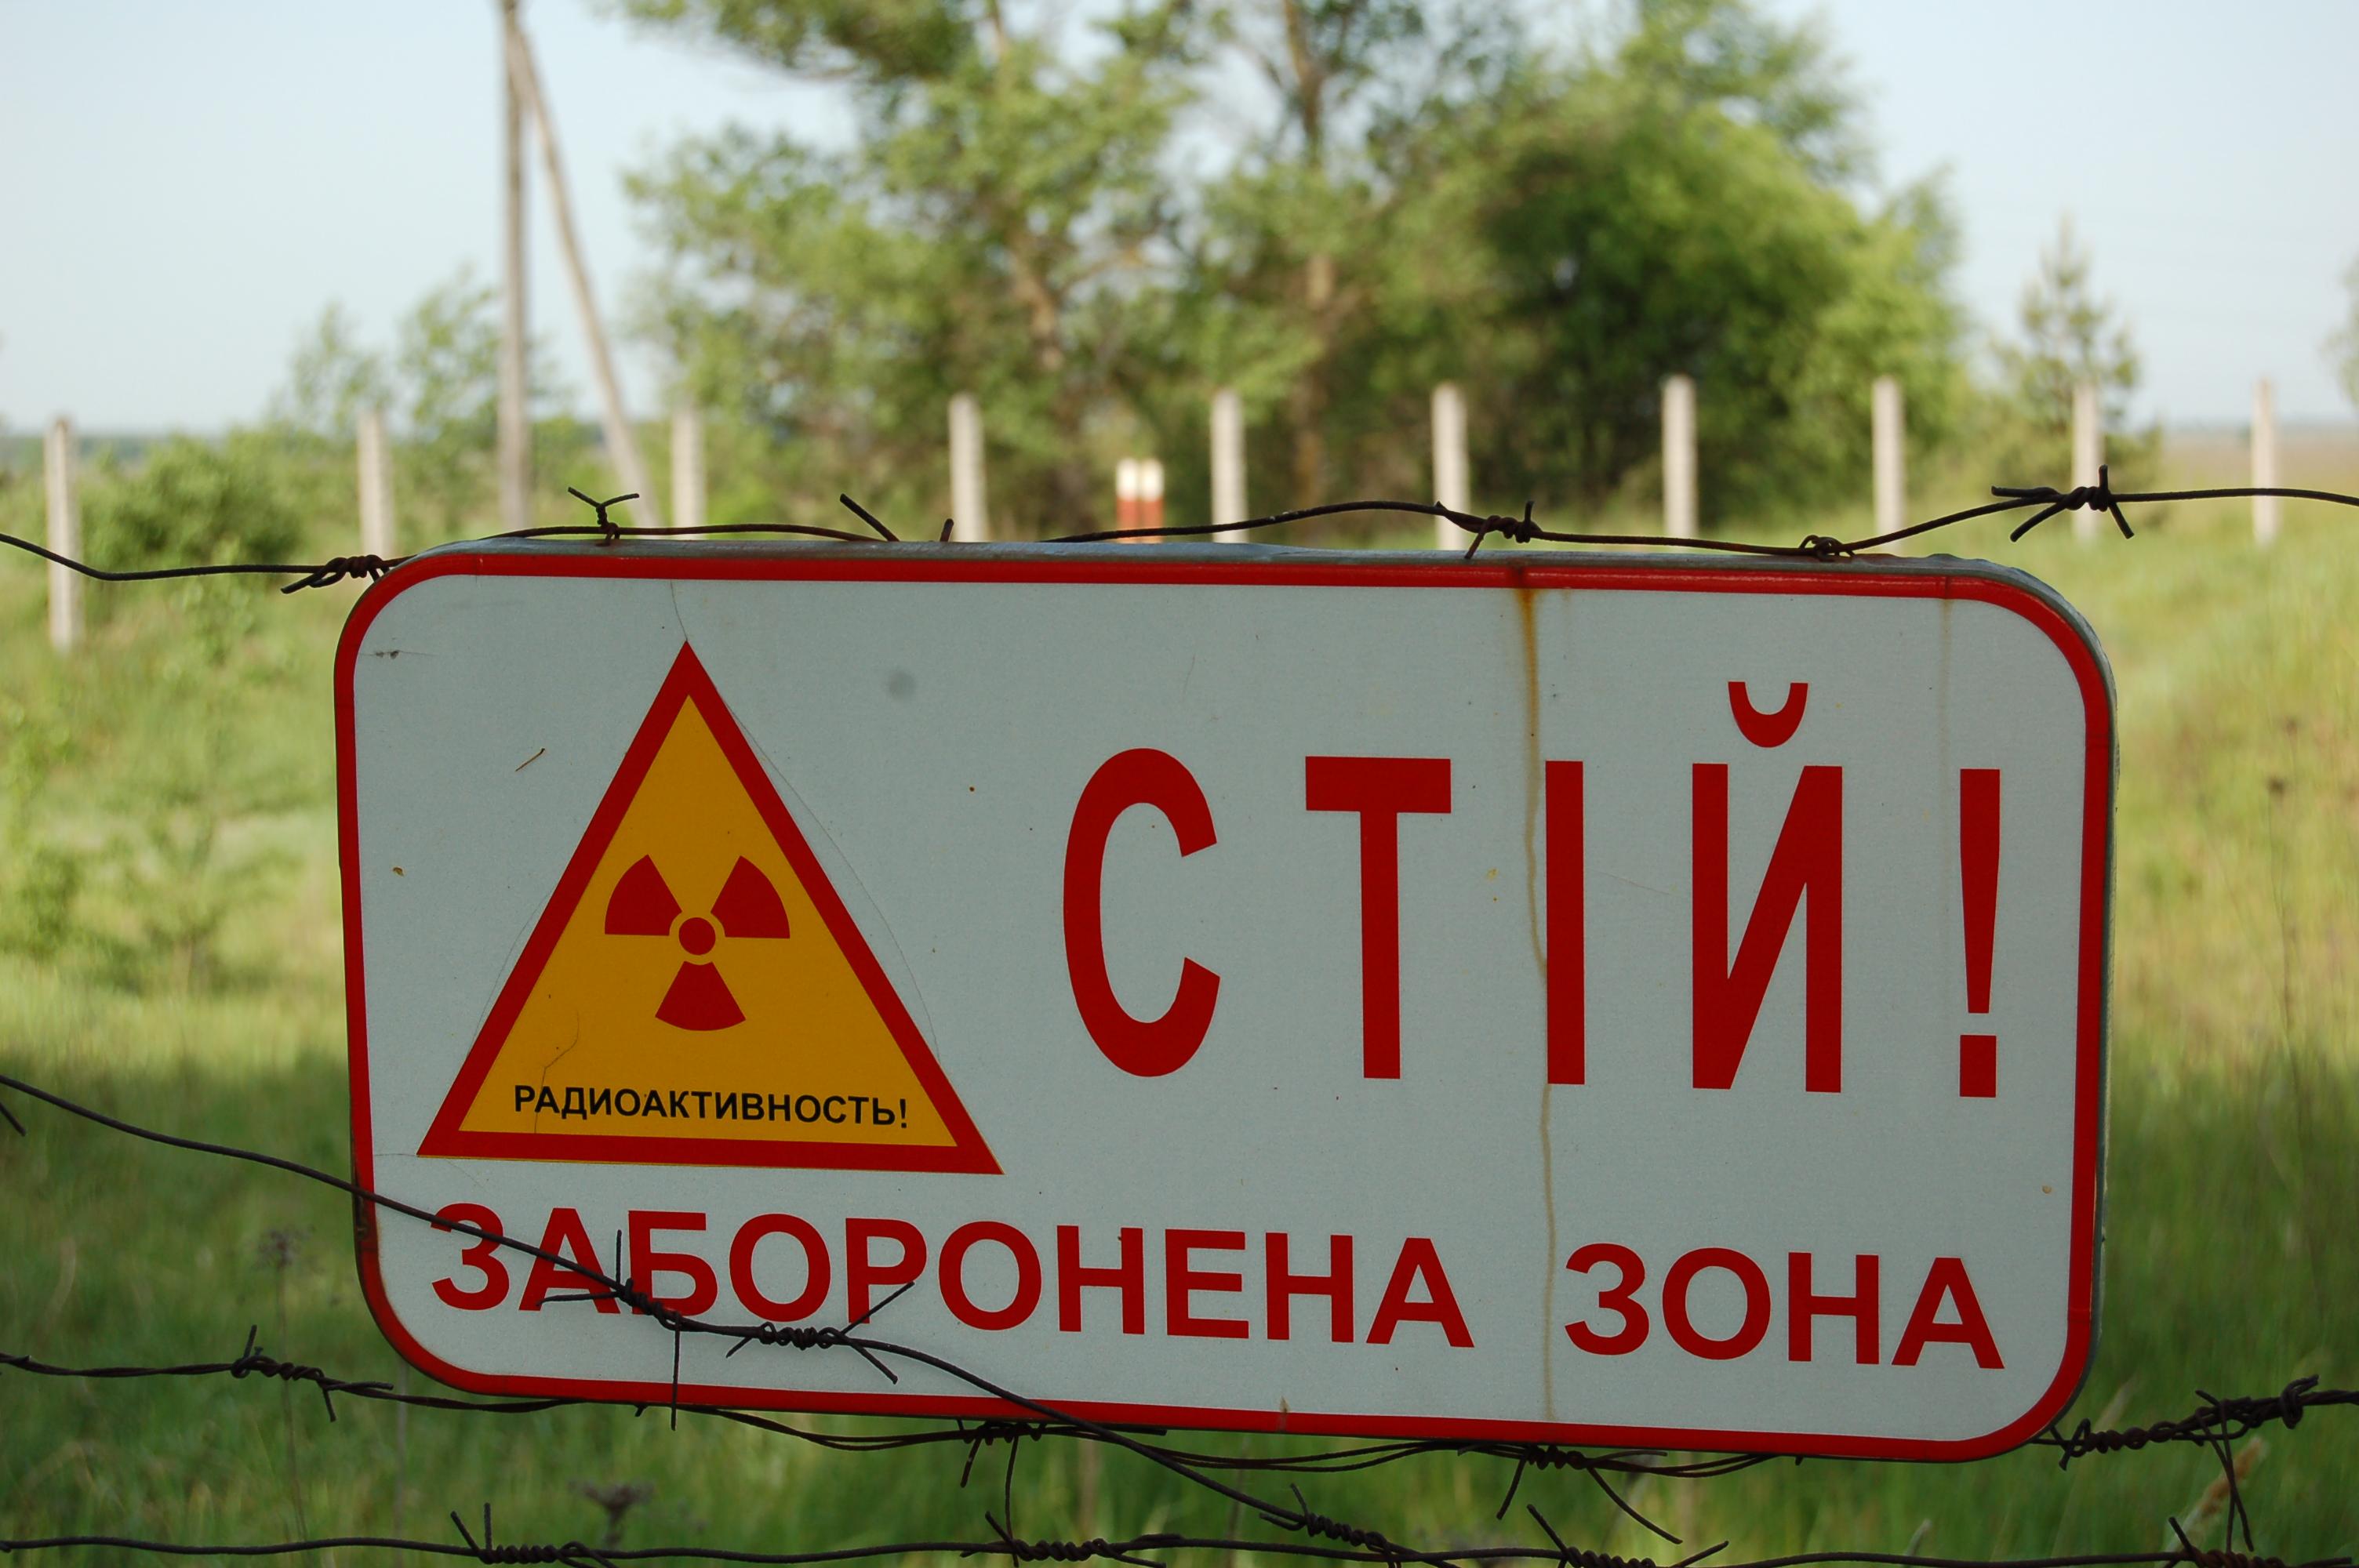 Bezpečnostní modernizace ukrajinských jaderných elektráren bude stát přes miliardu eur